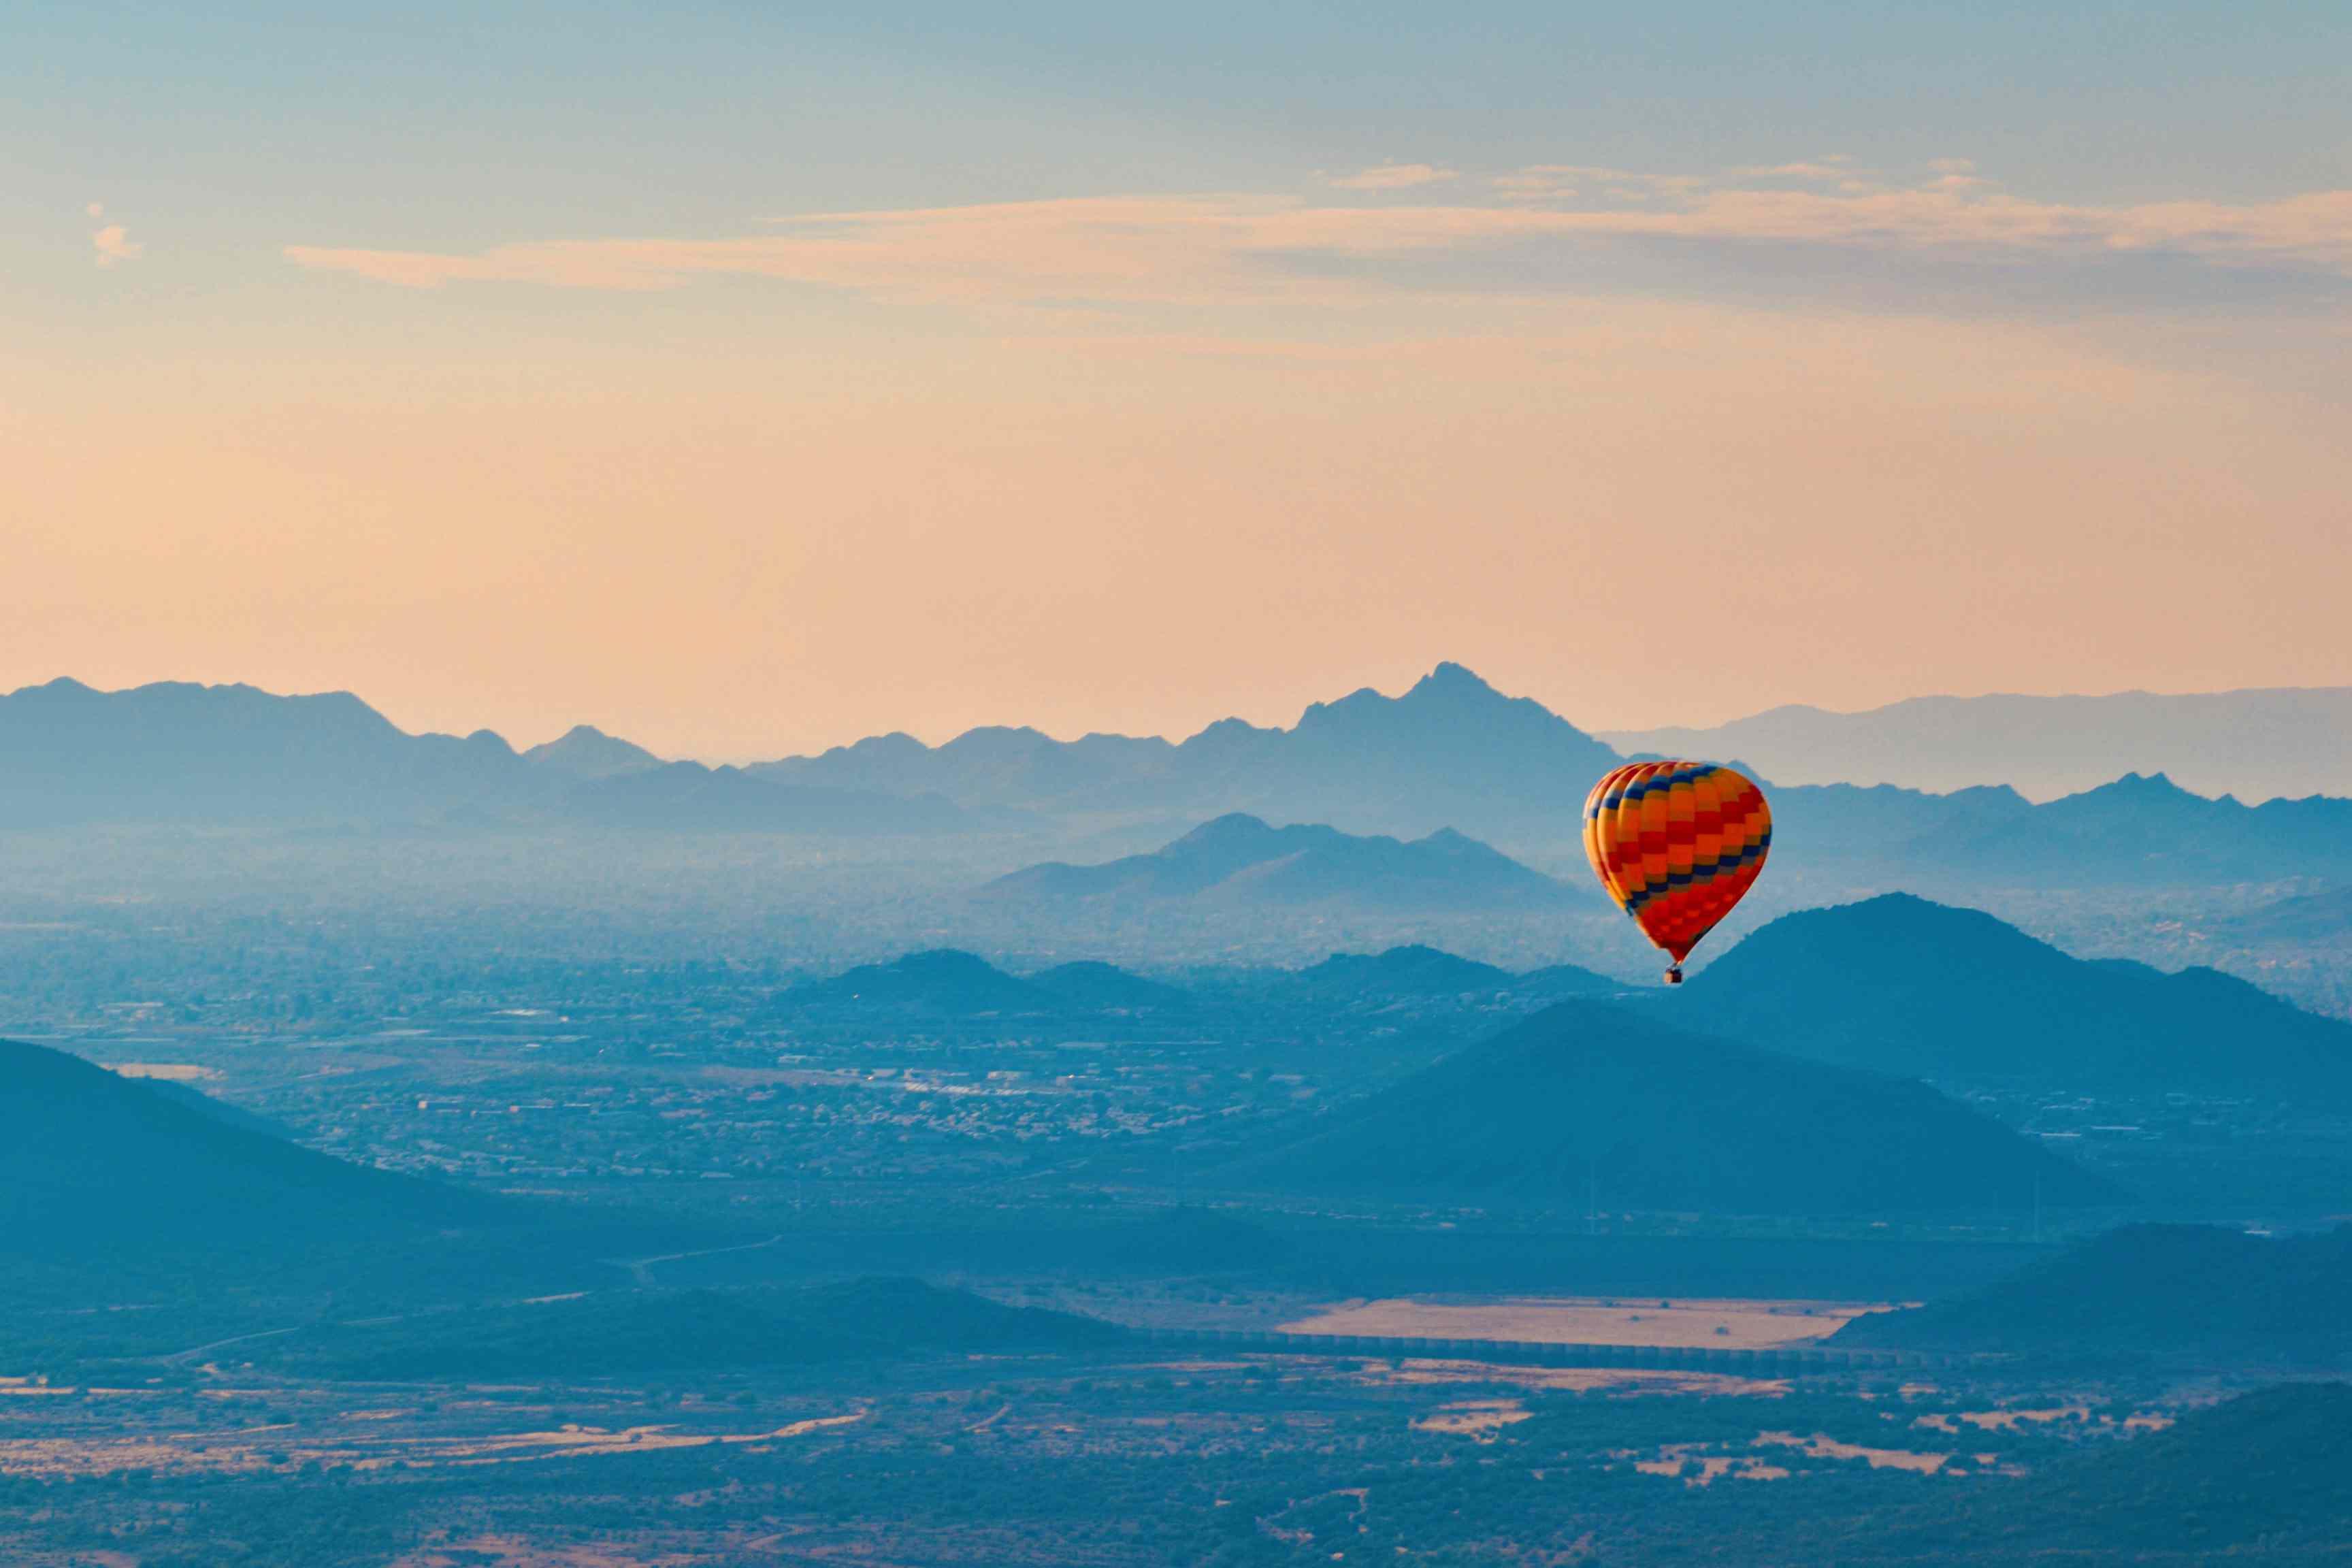 Balloon over Phoenix